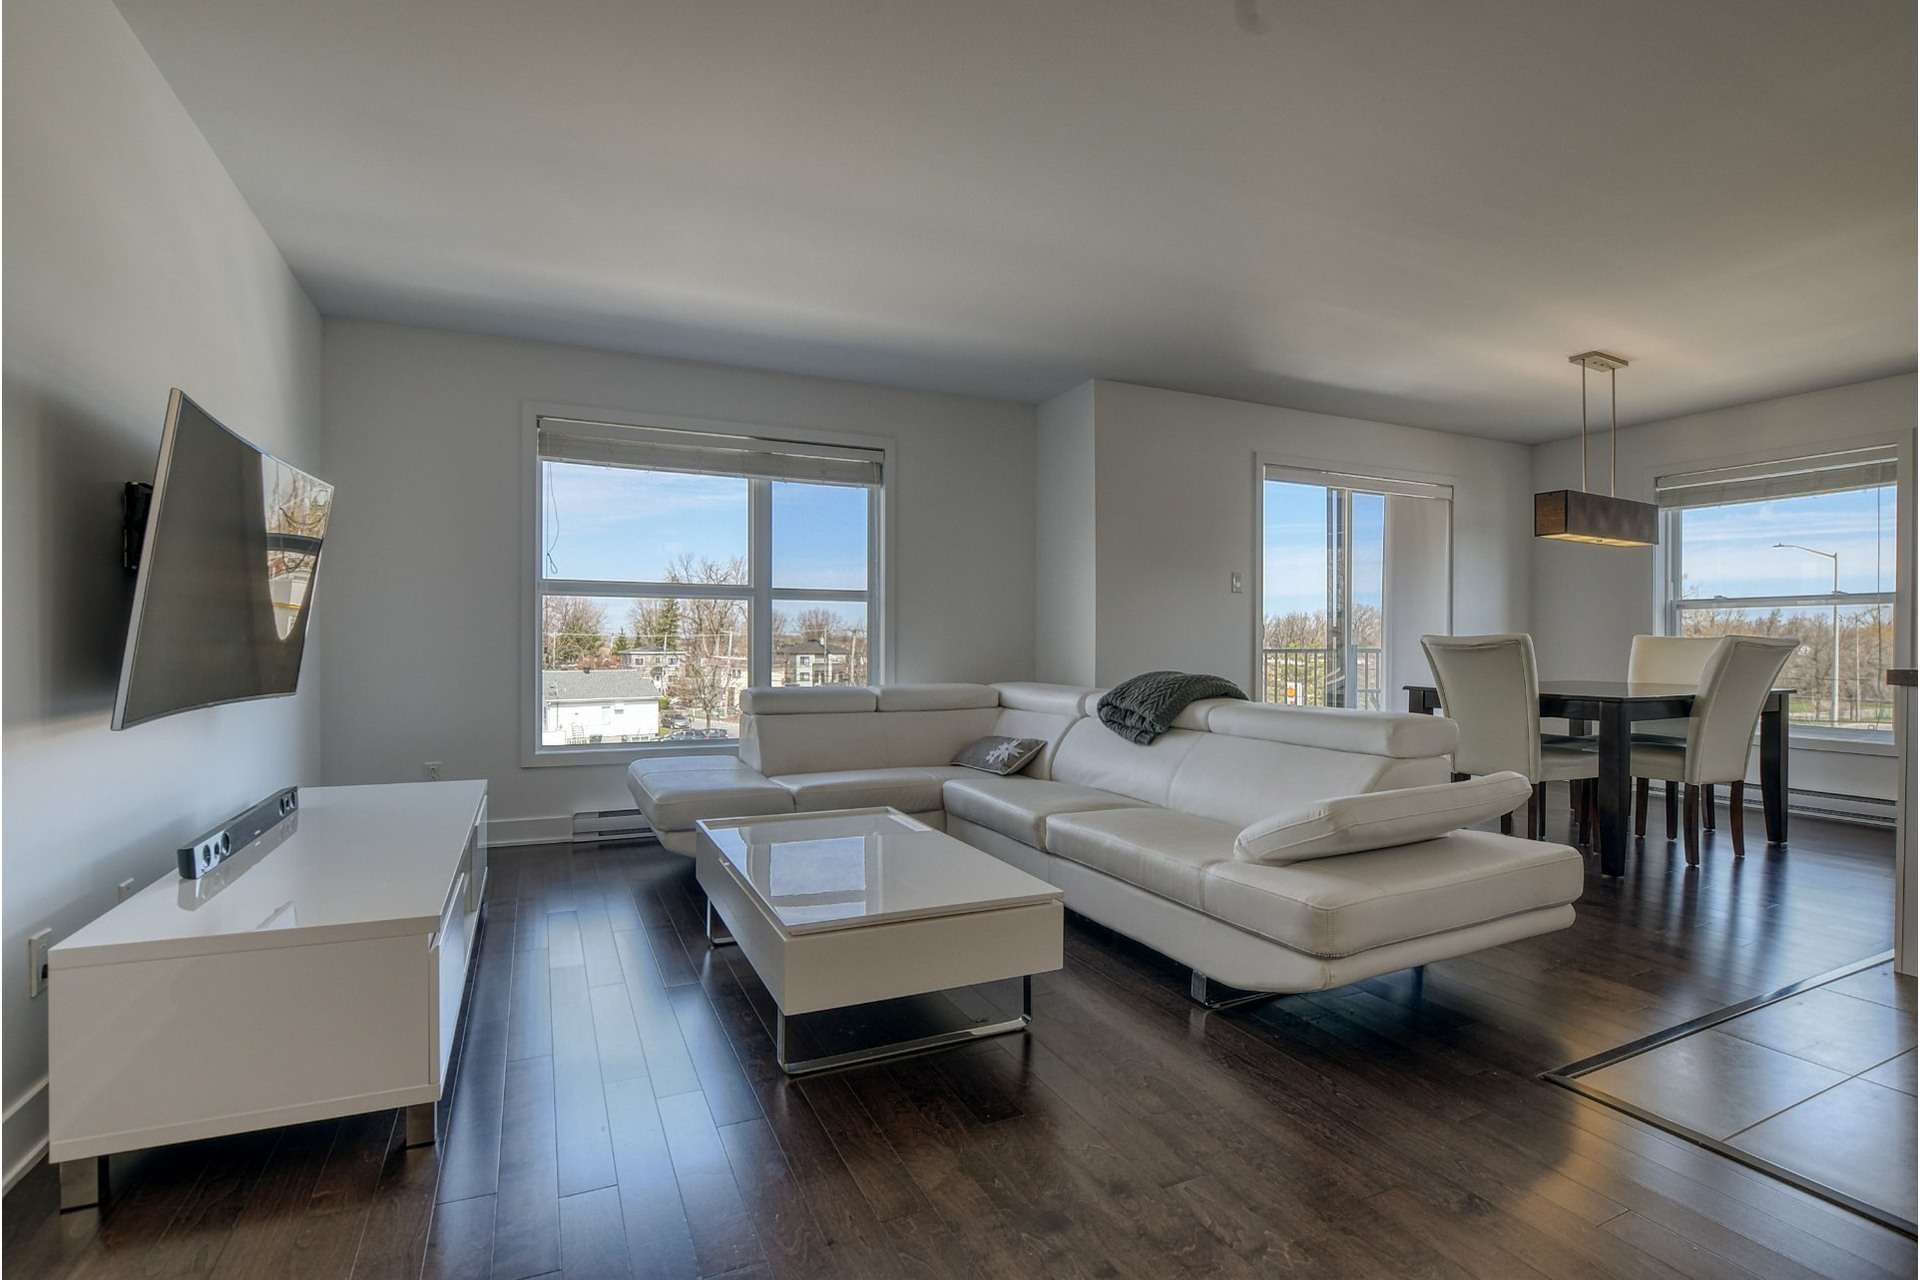 image 4 - Appartement À vendre Rivière-des-Prairies/Pointe-aux-Trembles Montréal  - 11 pièces